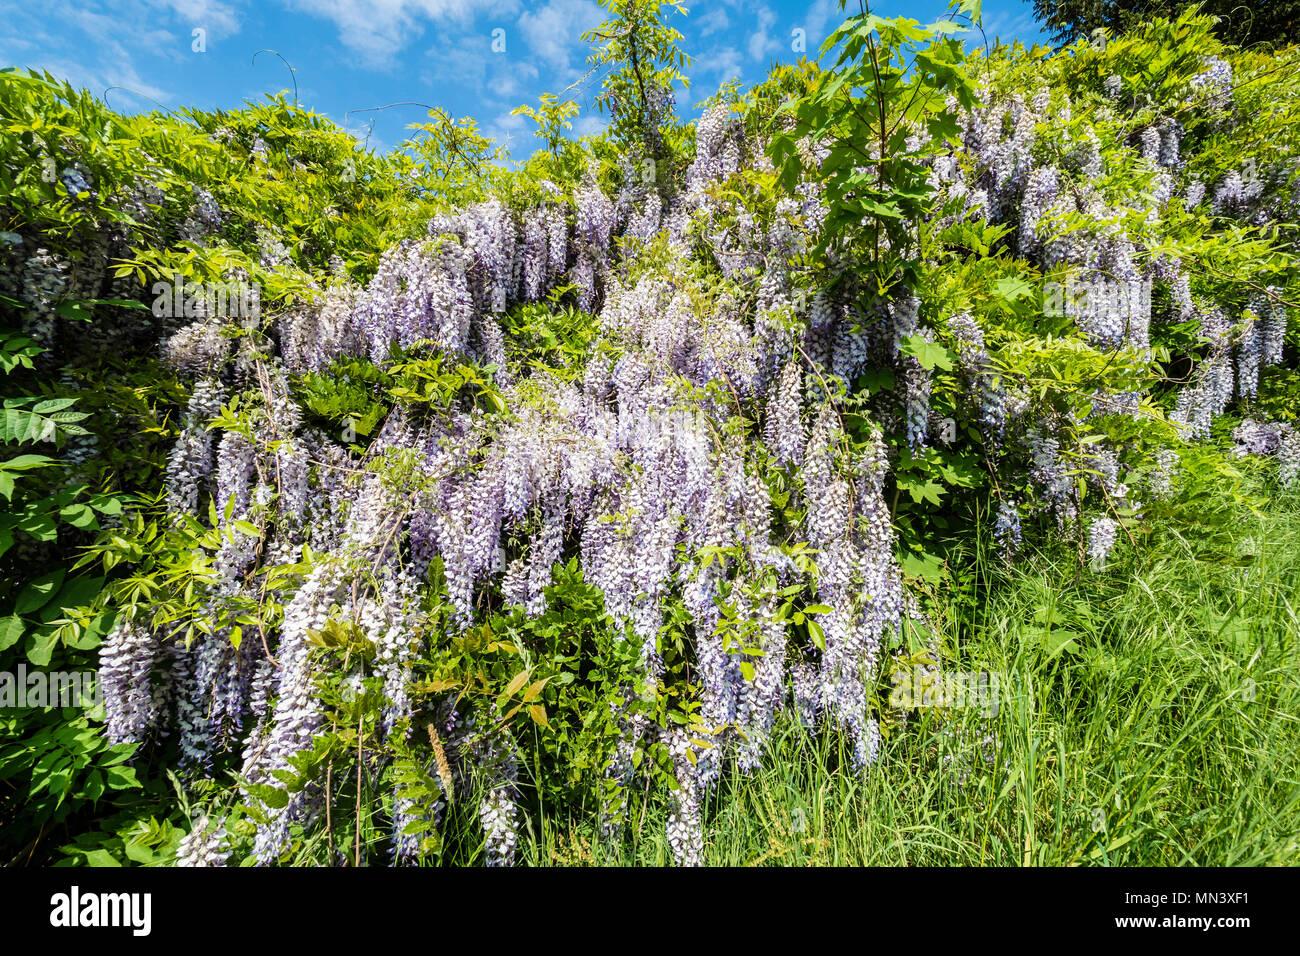 Blauregen, Chinese wisteria, garden 'Heilpflanzengarten', Celle, Germany Stock Photo